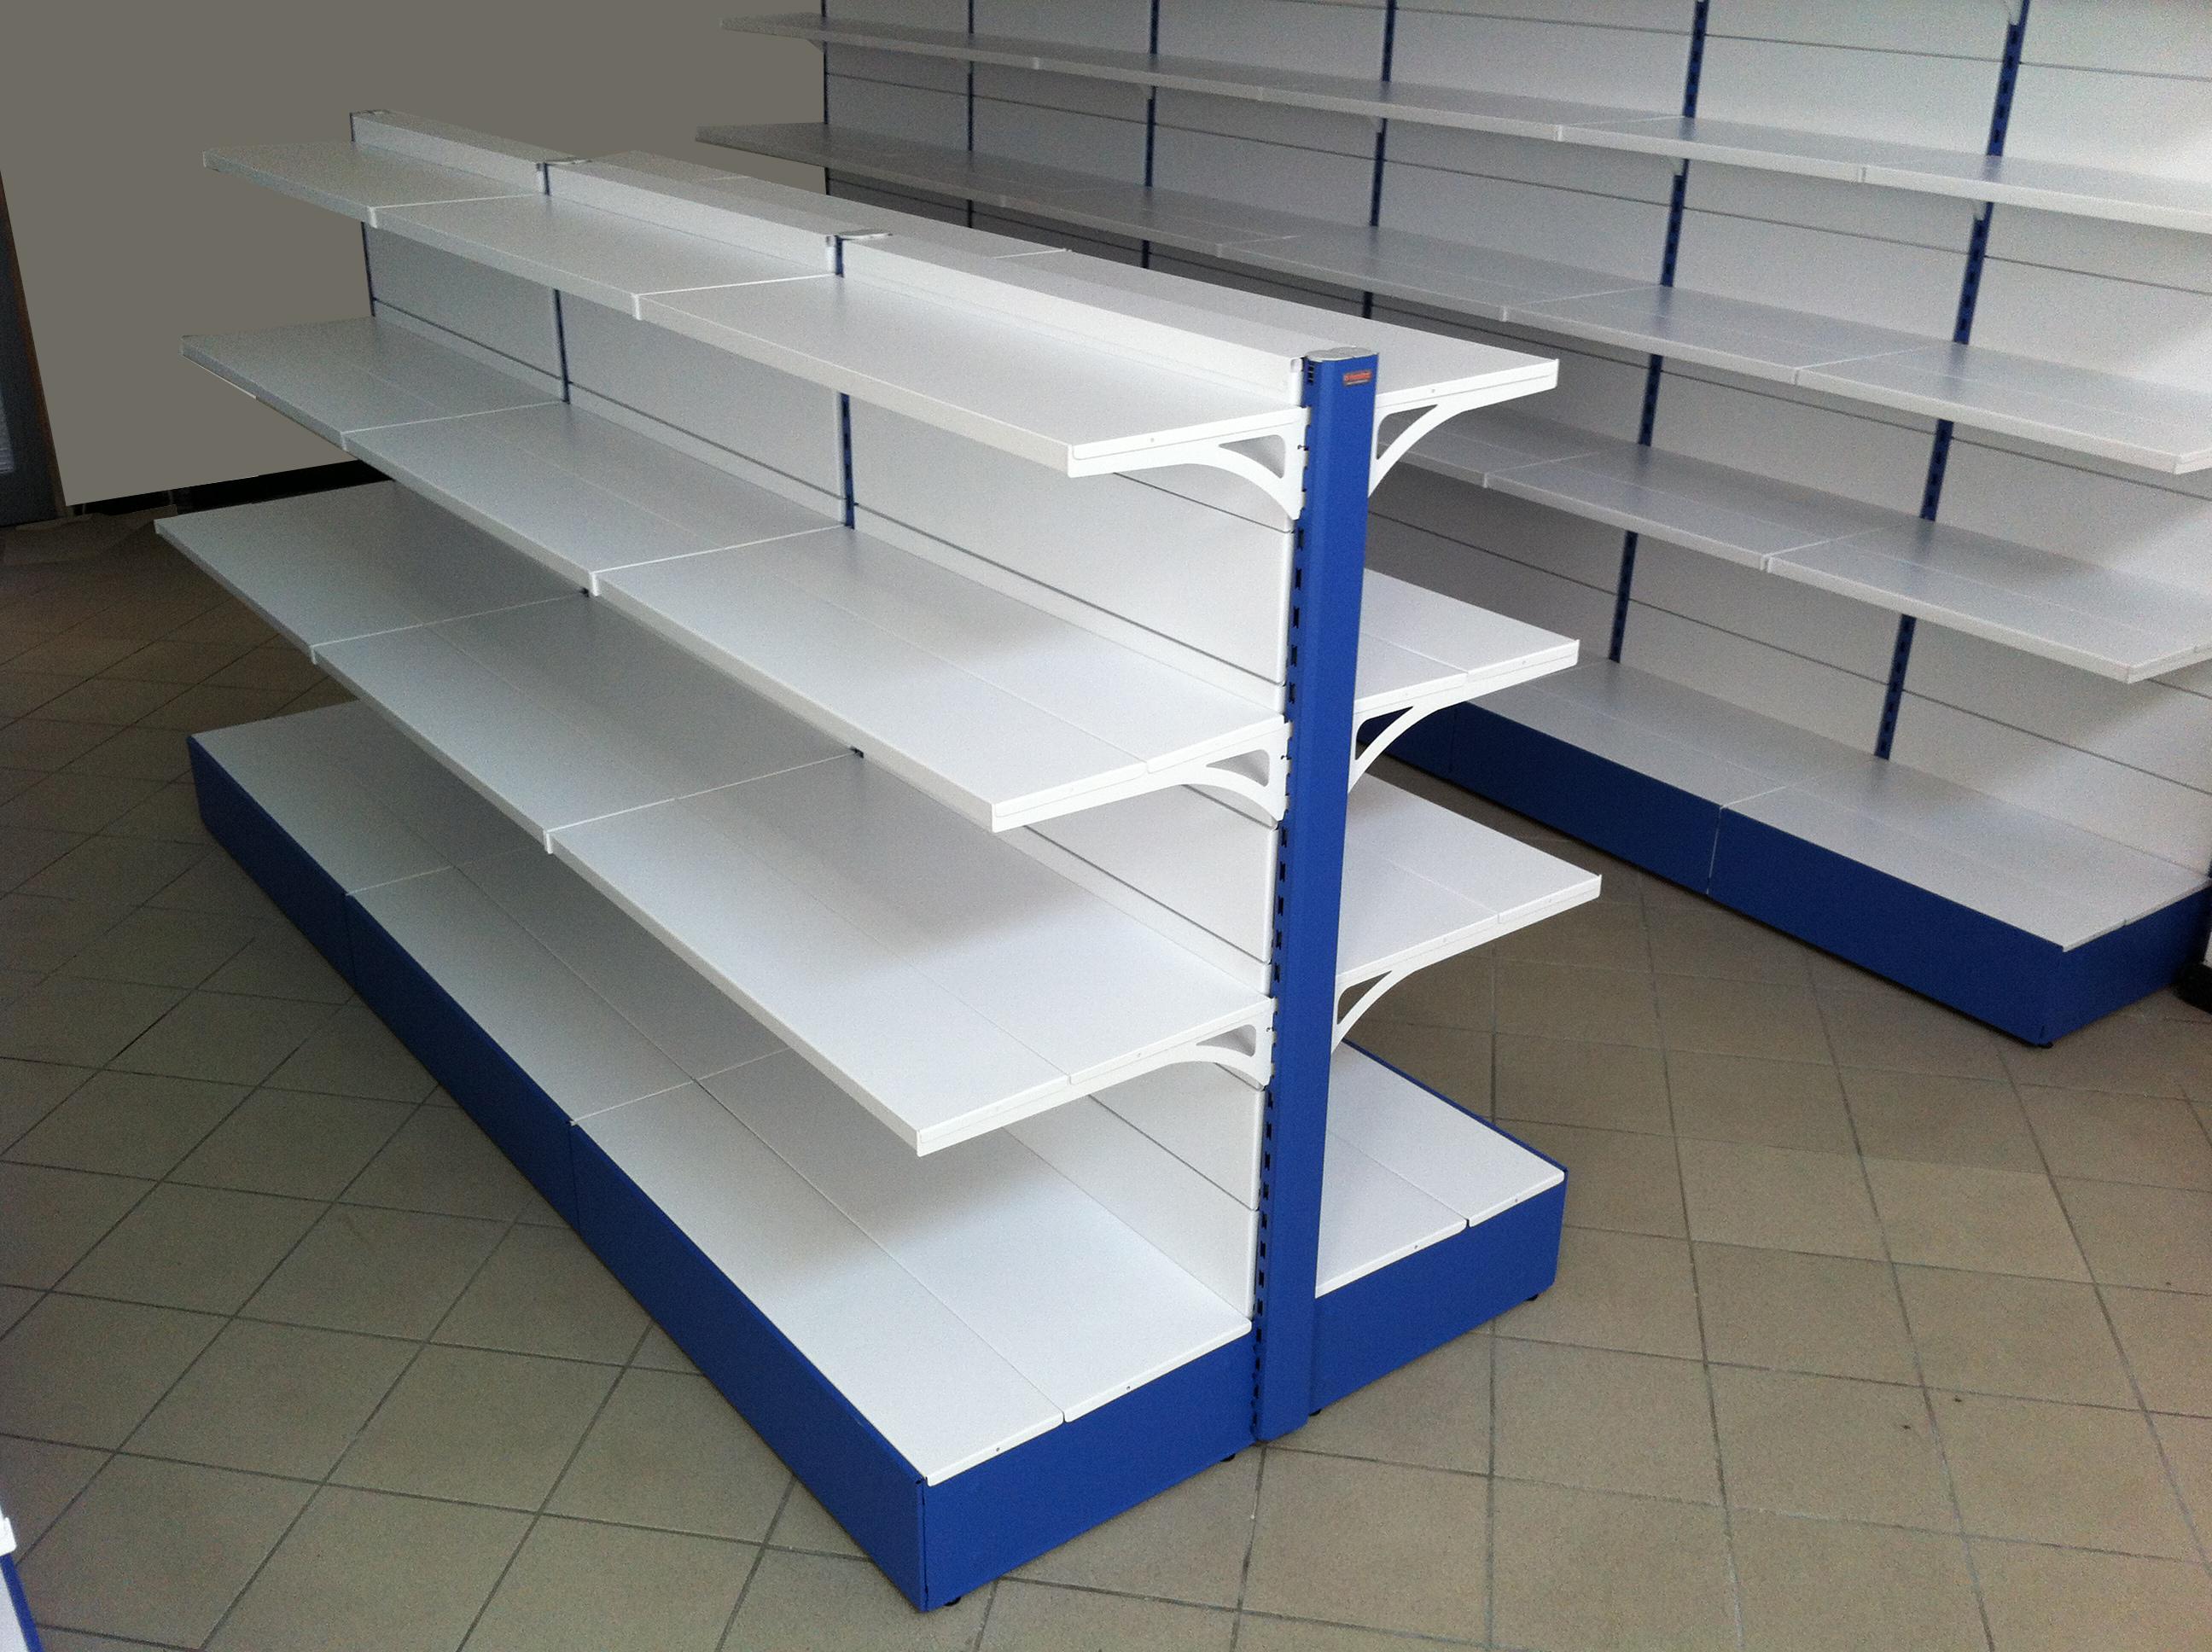 Montanti per scaffali idee per scaffale maciste leroy for Leroy merlin librerie metallo